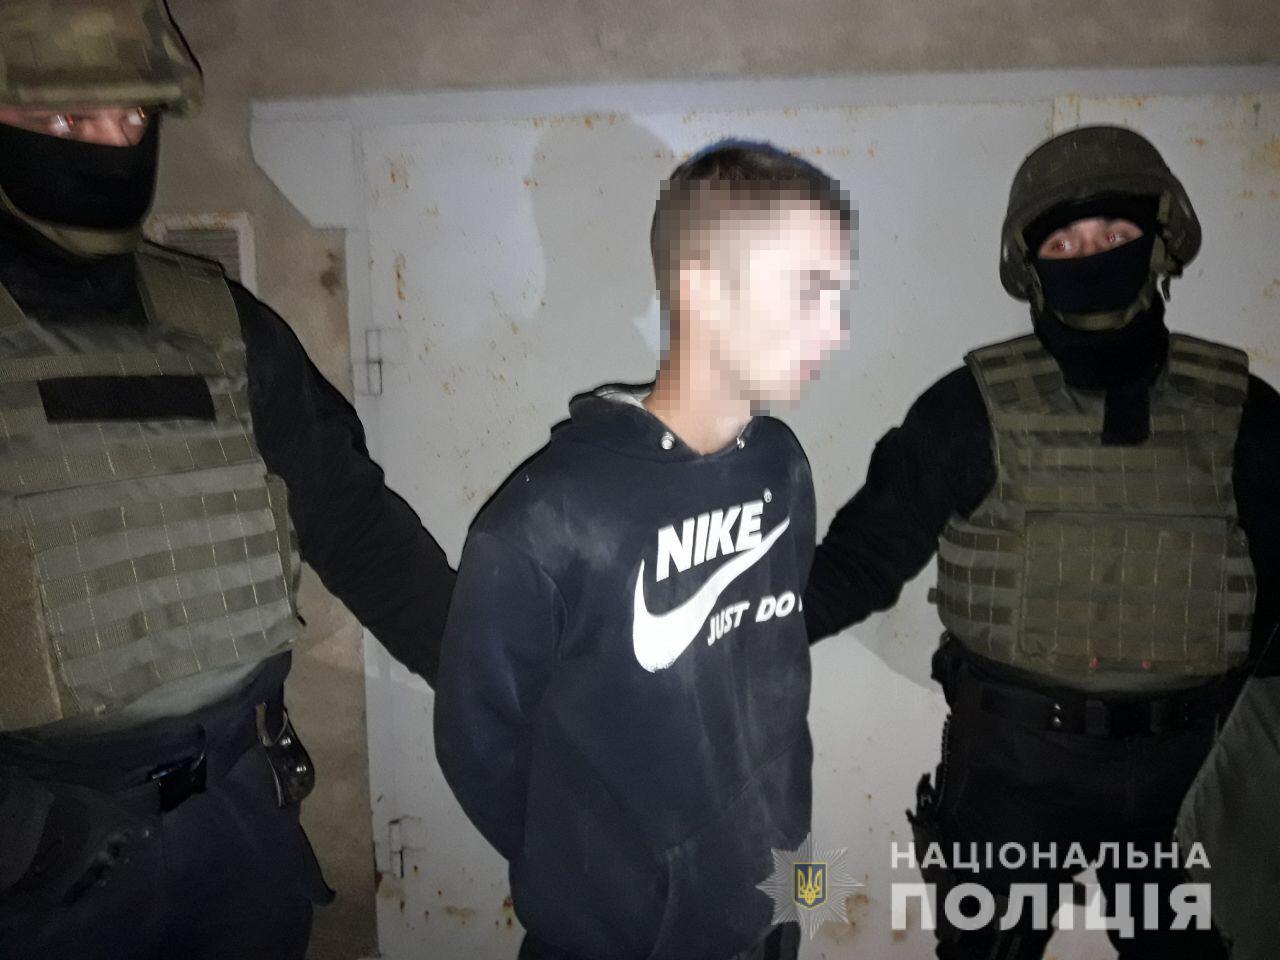 У Миколаєві поліція затримала банду, яка підривала банкомати. ФОТО